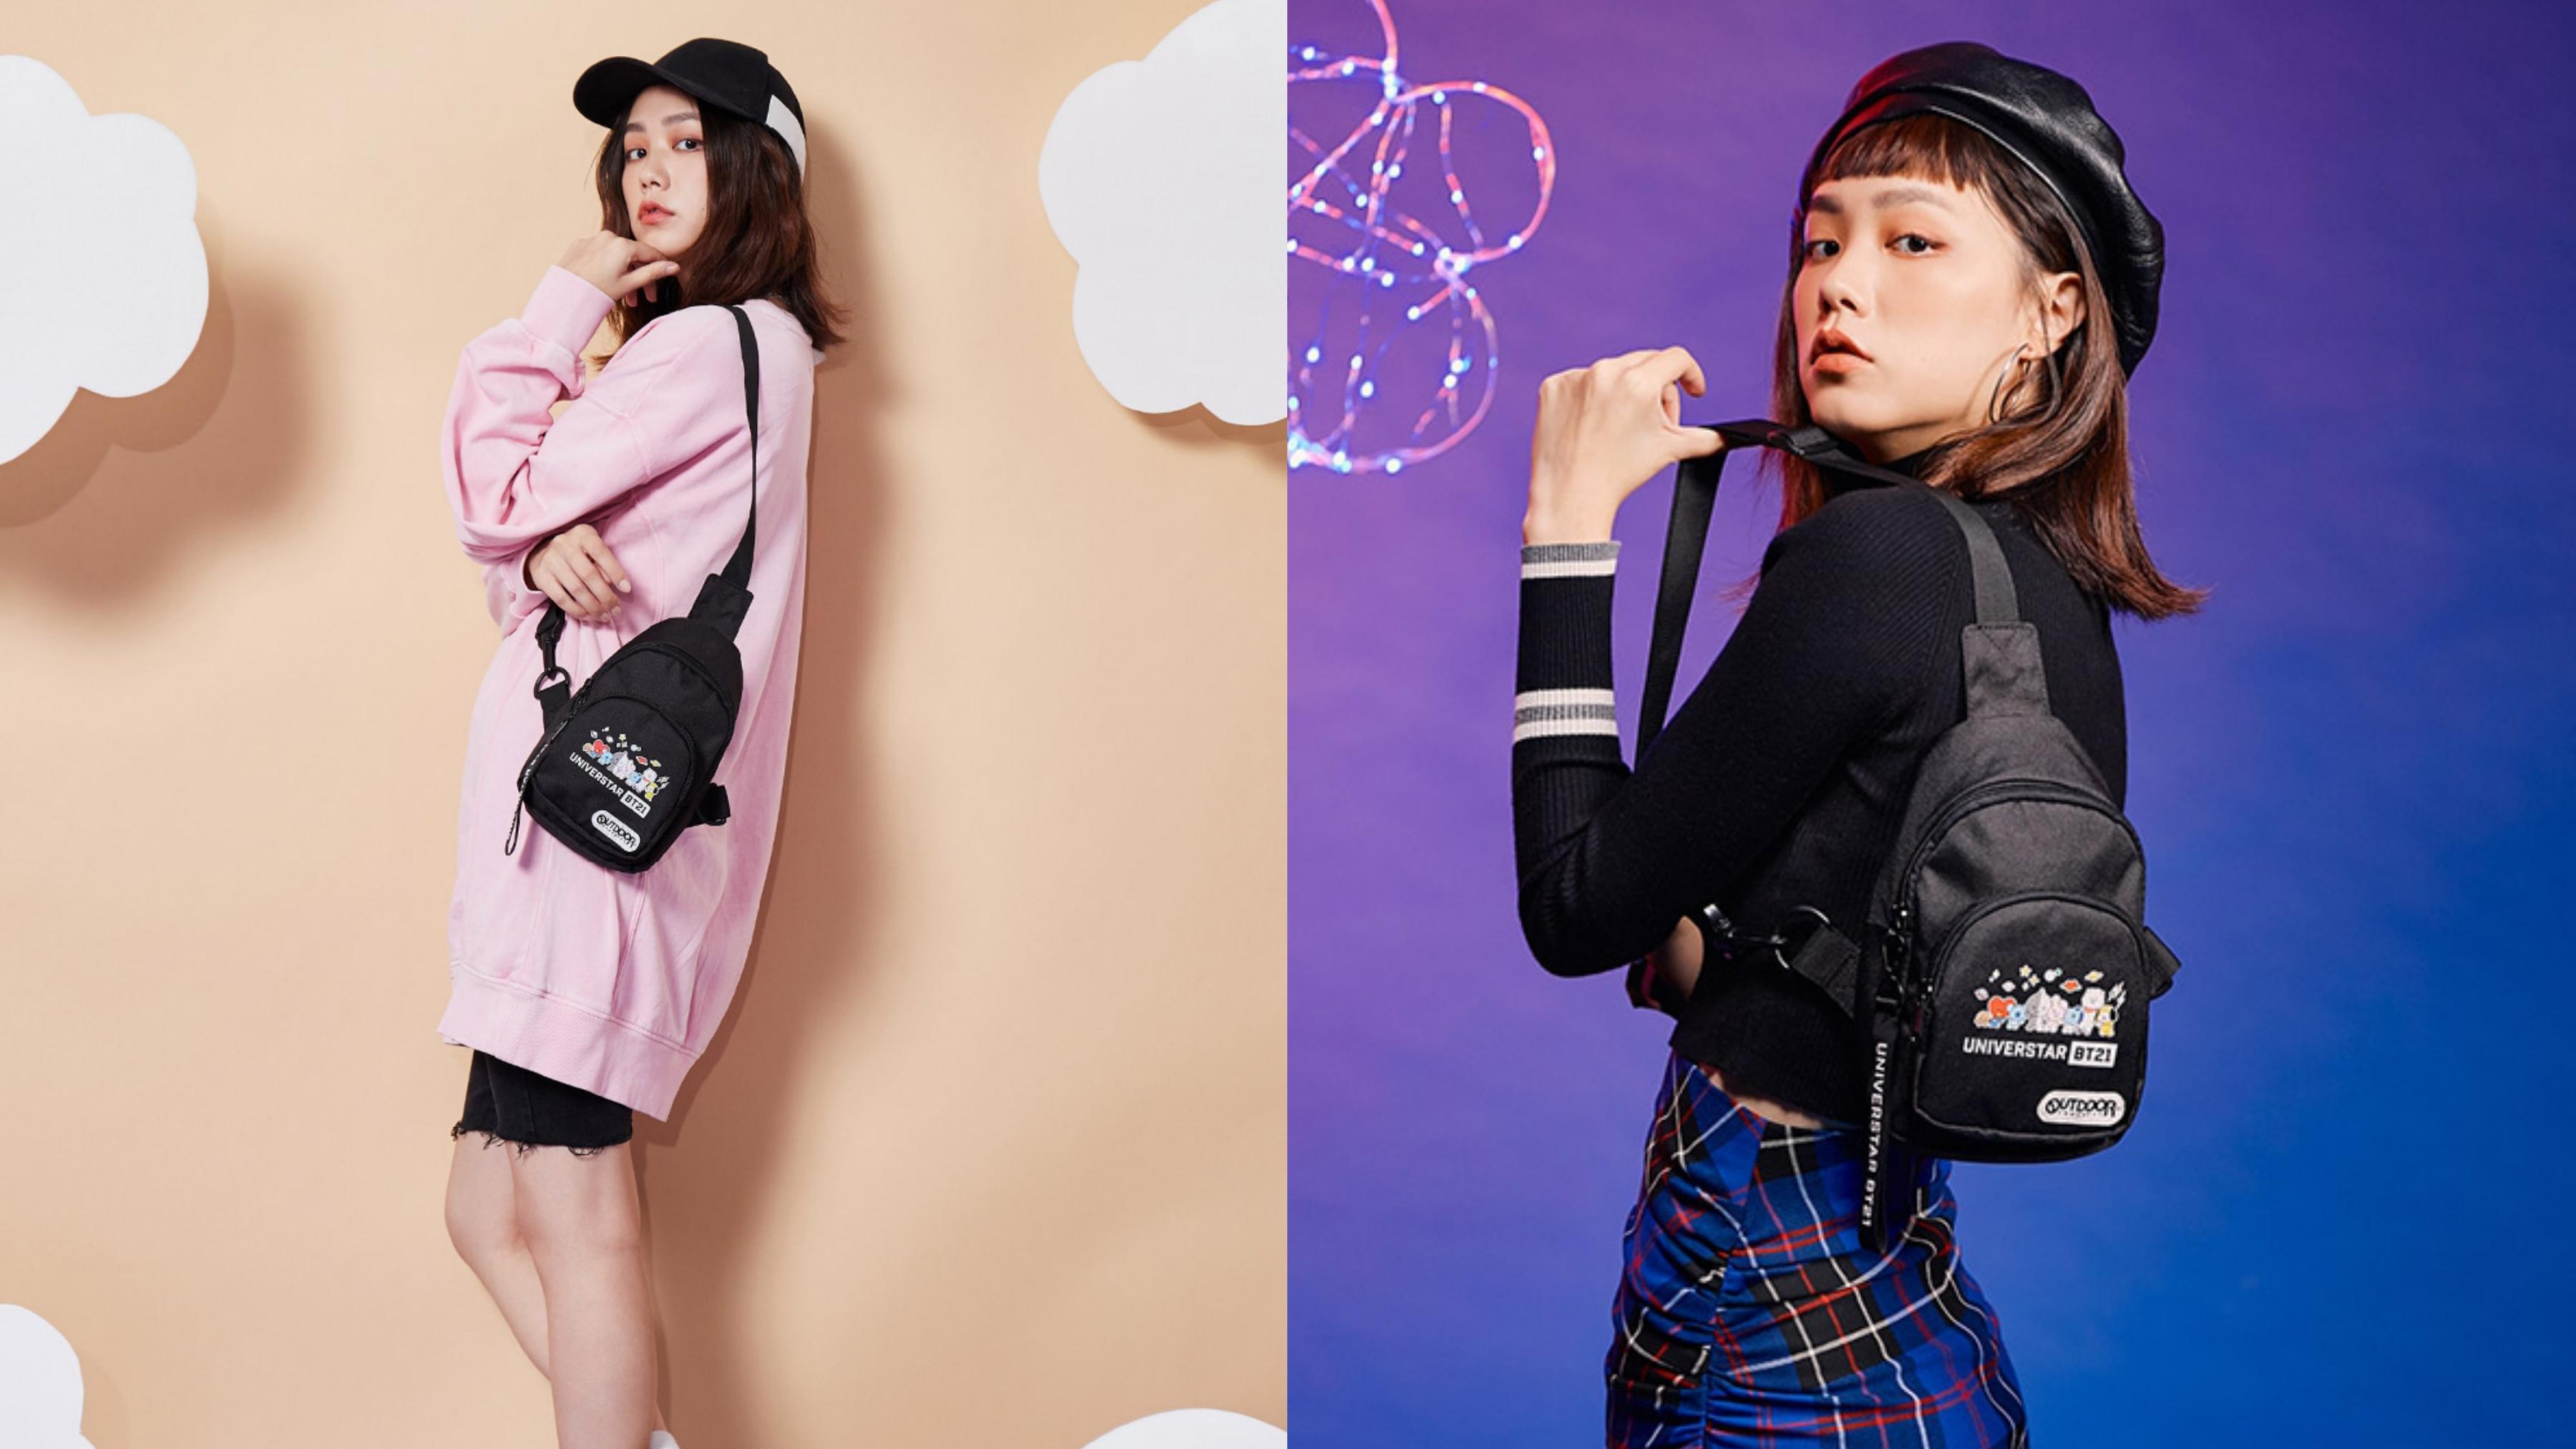 受歡迎的BT21& OUTDOOR聯名款單肩包,內貼袋/拉鍊袋收納分類方便